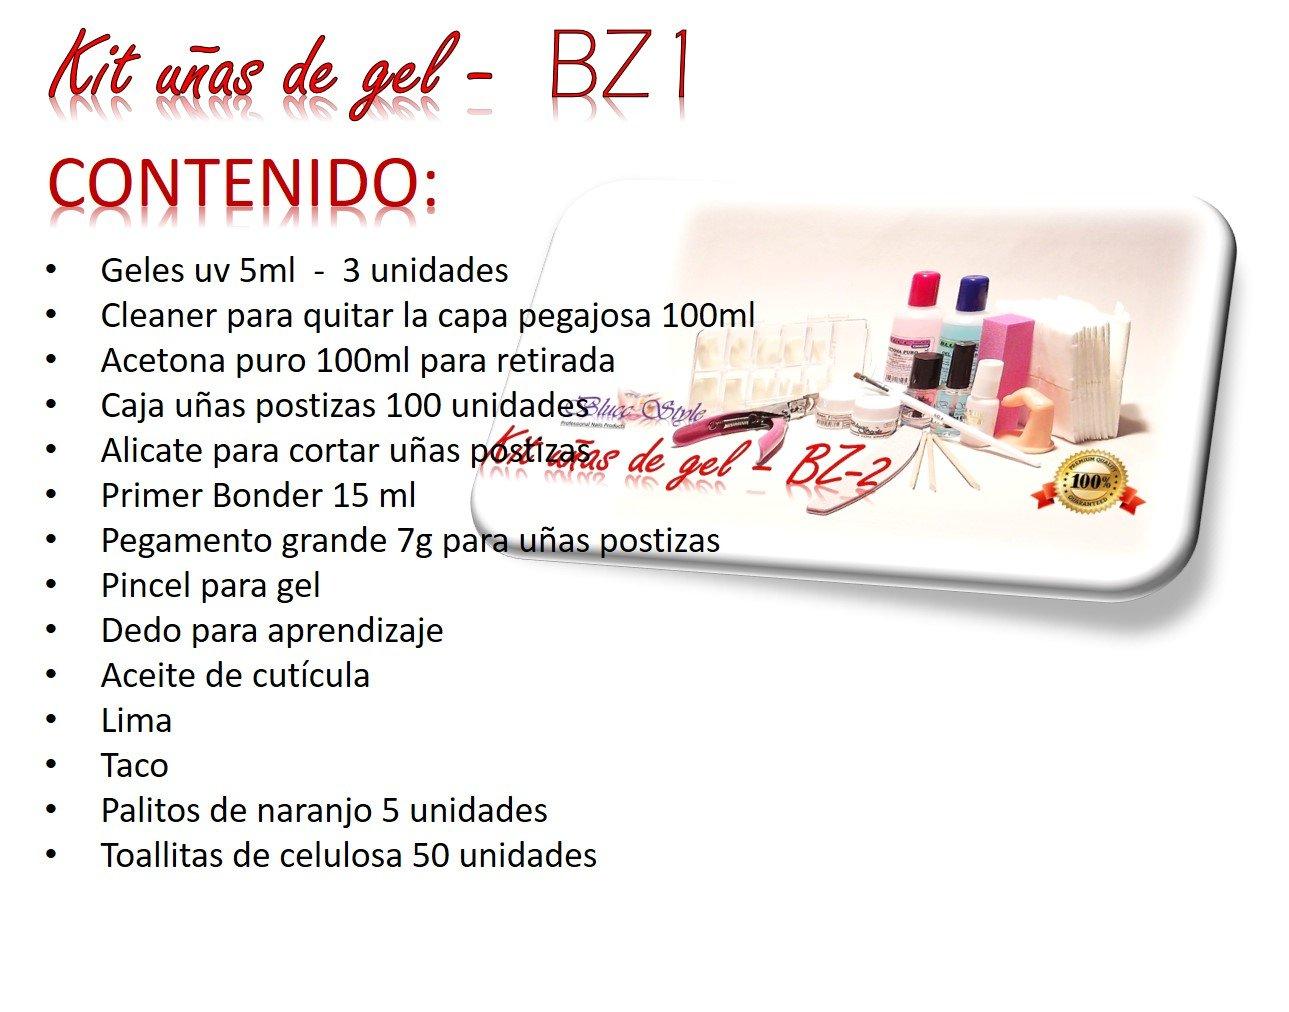 Kit para hacer las uñas de gel-BZ2- Manicura, pediicura,gel uv: Amazon.es: Belleza